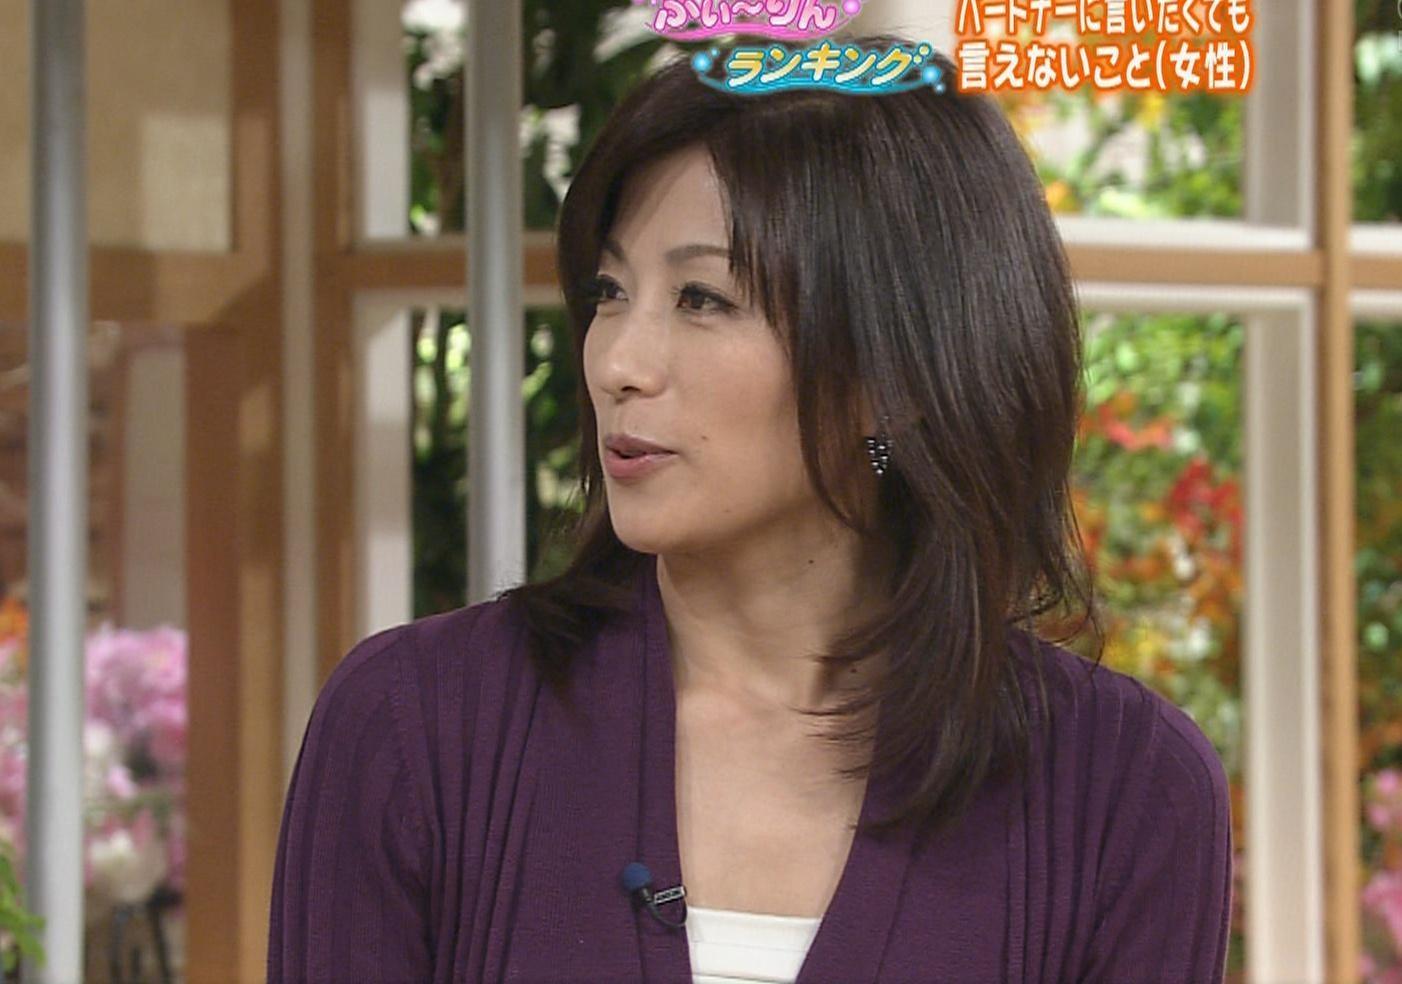 中田有紀 なんだかエロい座り方キャプ画像(エロ・アイコラ画像)